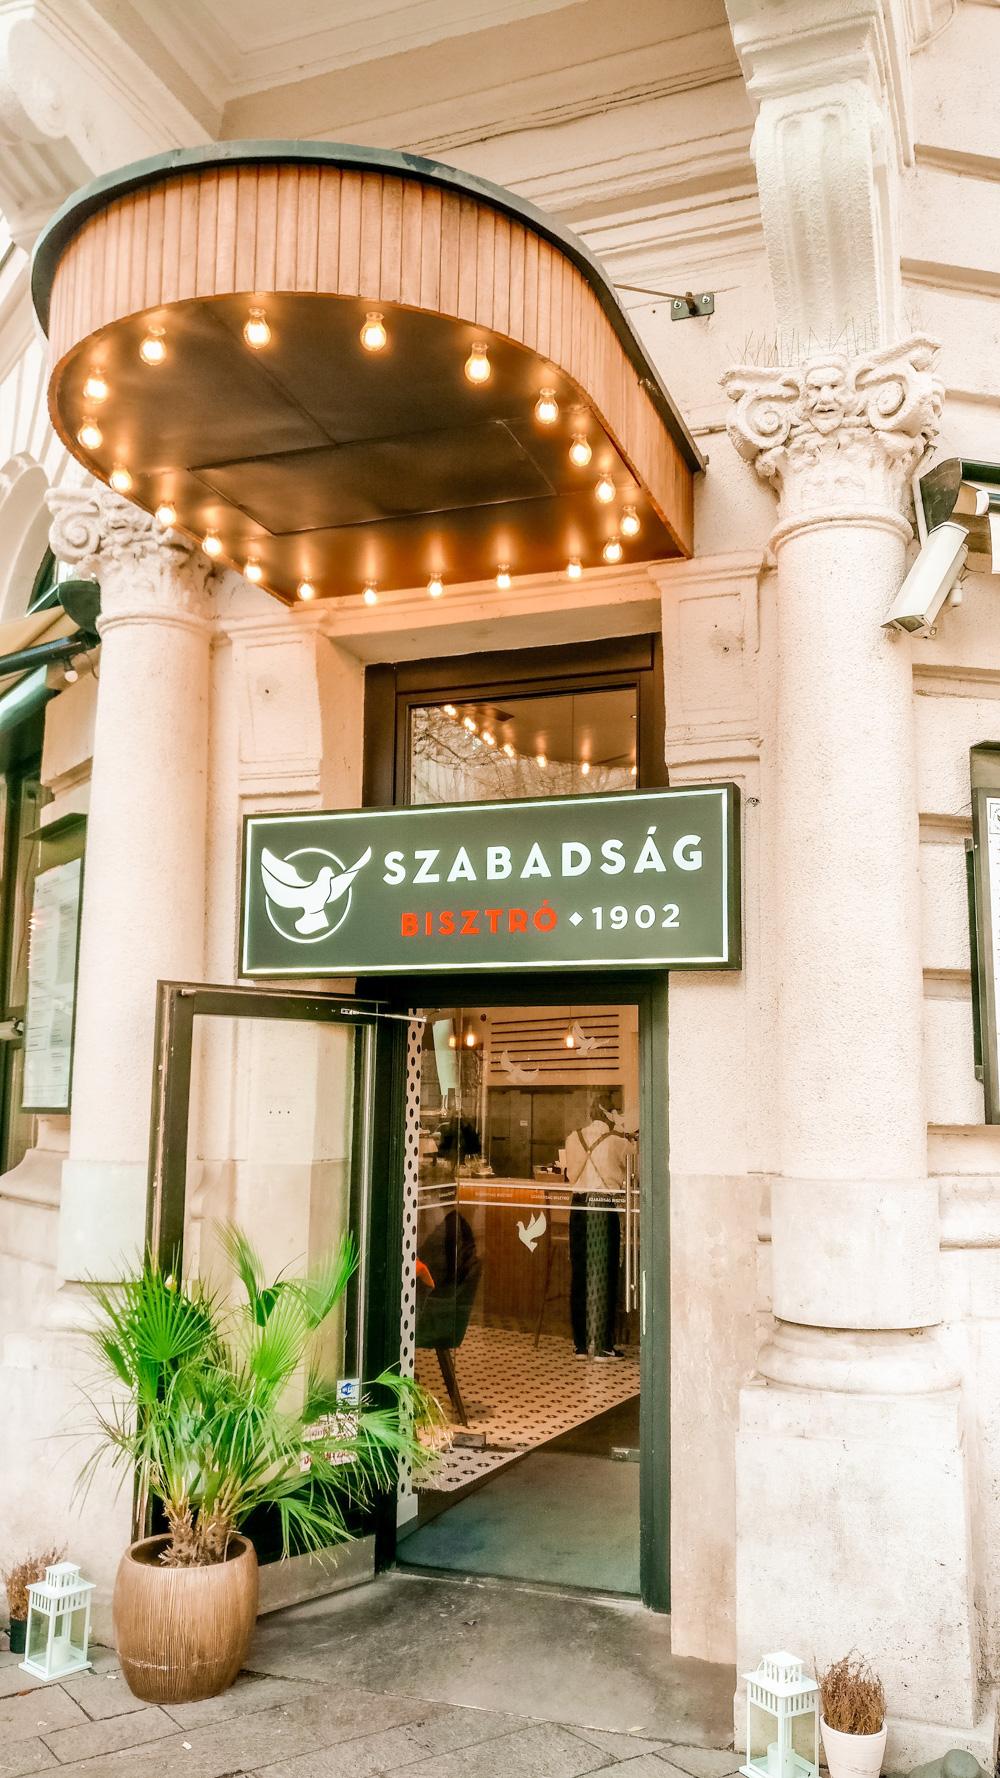 Szabadság Bisztró - Budapest's best breakfast & brunch places close to the Parliament | Aliz's Wonderland